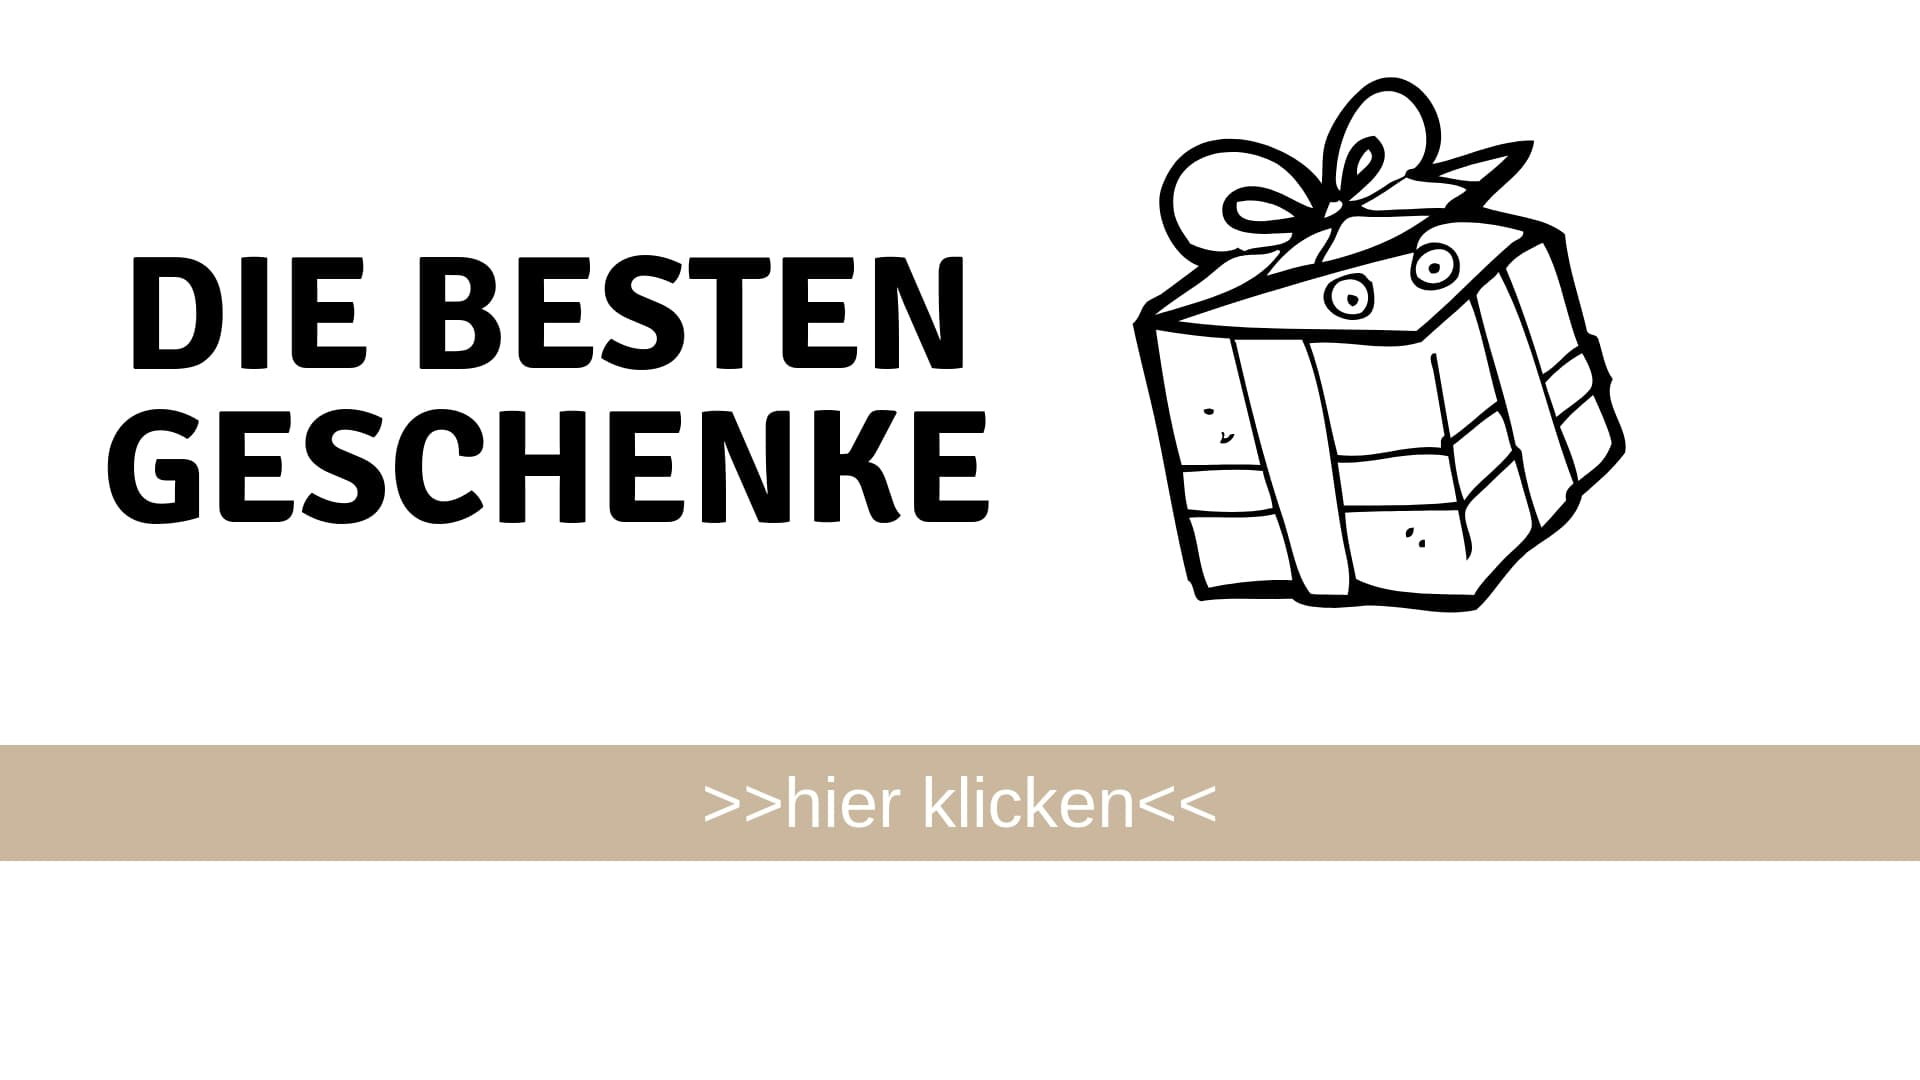 beste_geschenke